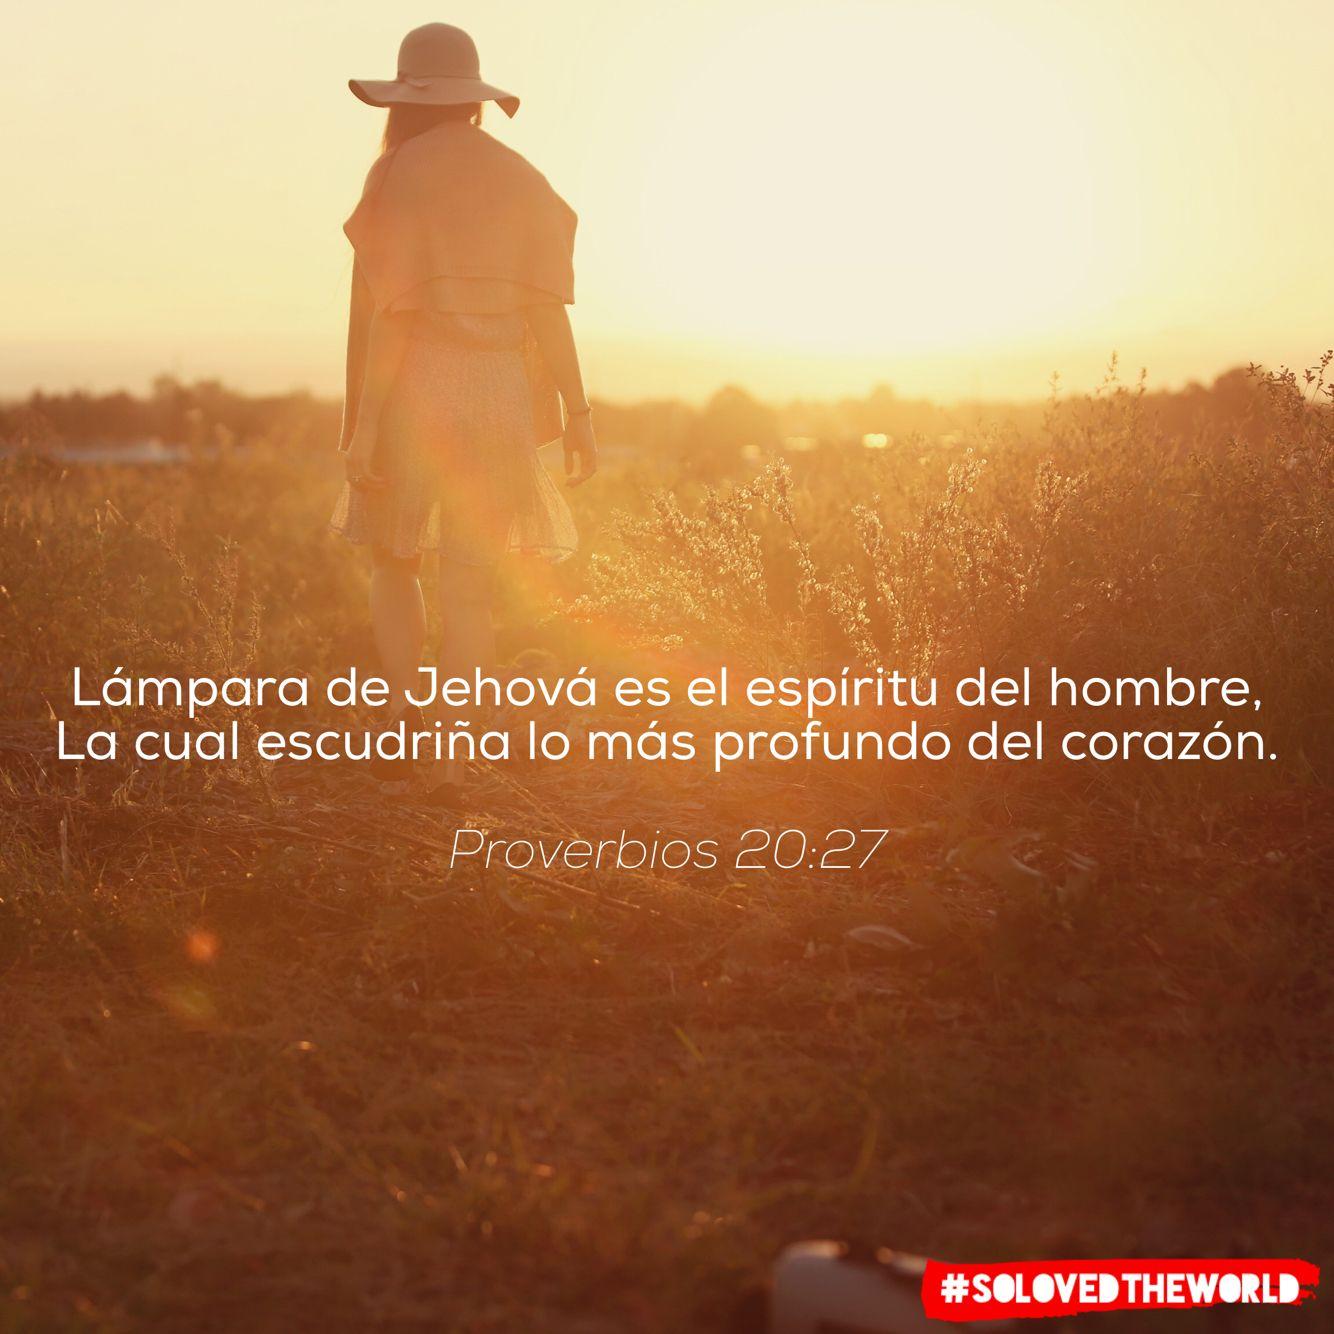 Lámpara de Jehová es el espíritu del hombre, La cual escudriña lo más profundo del corazón. Proverbios 20:27 #jesus #god #gospel #bible #love #solovedtheworld